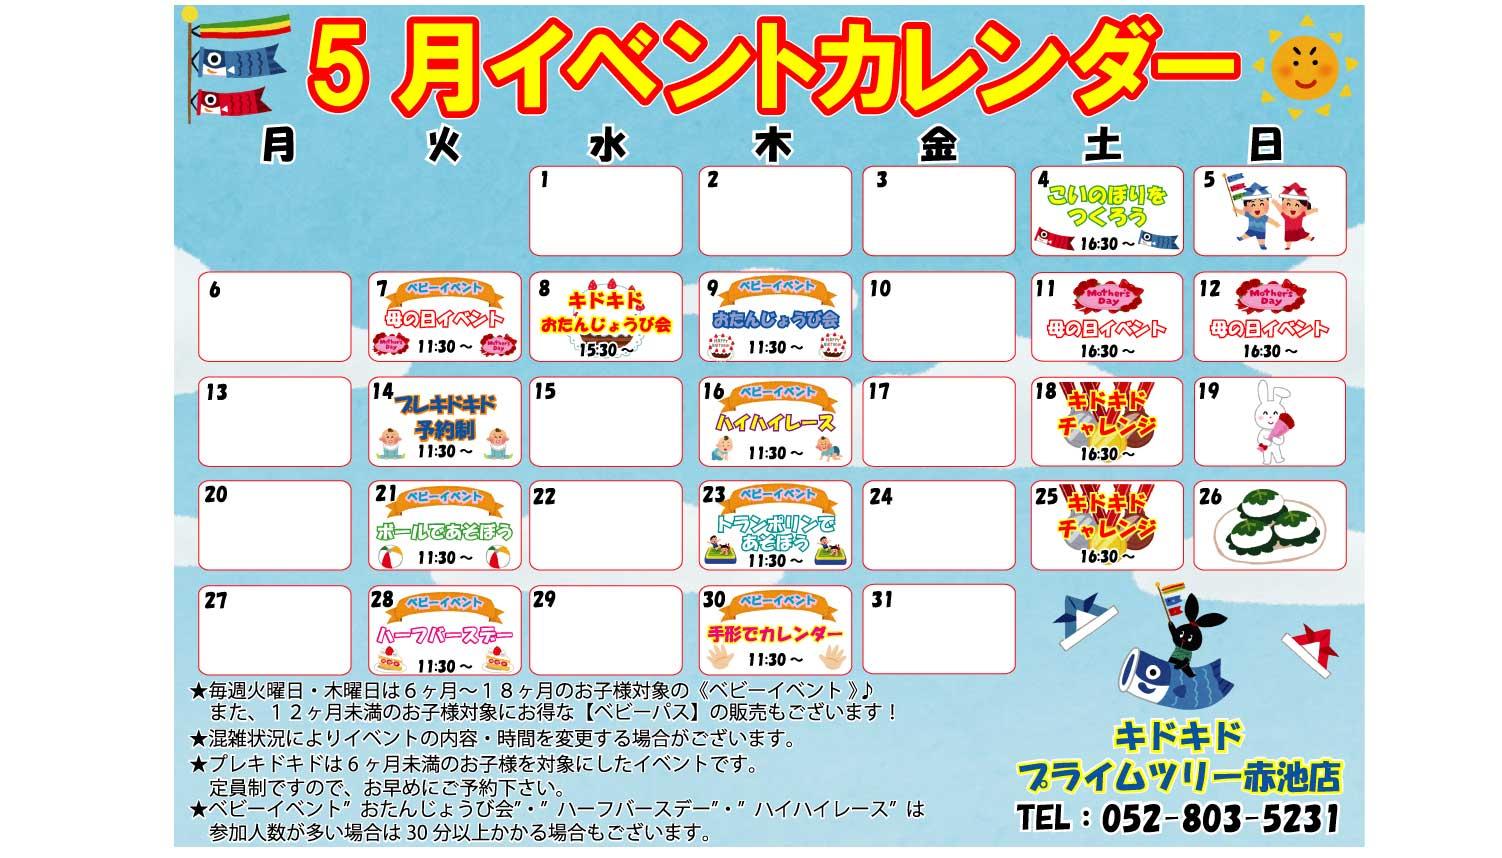 5月のイベントカレンダーができました♪